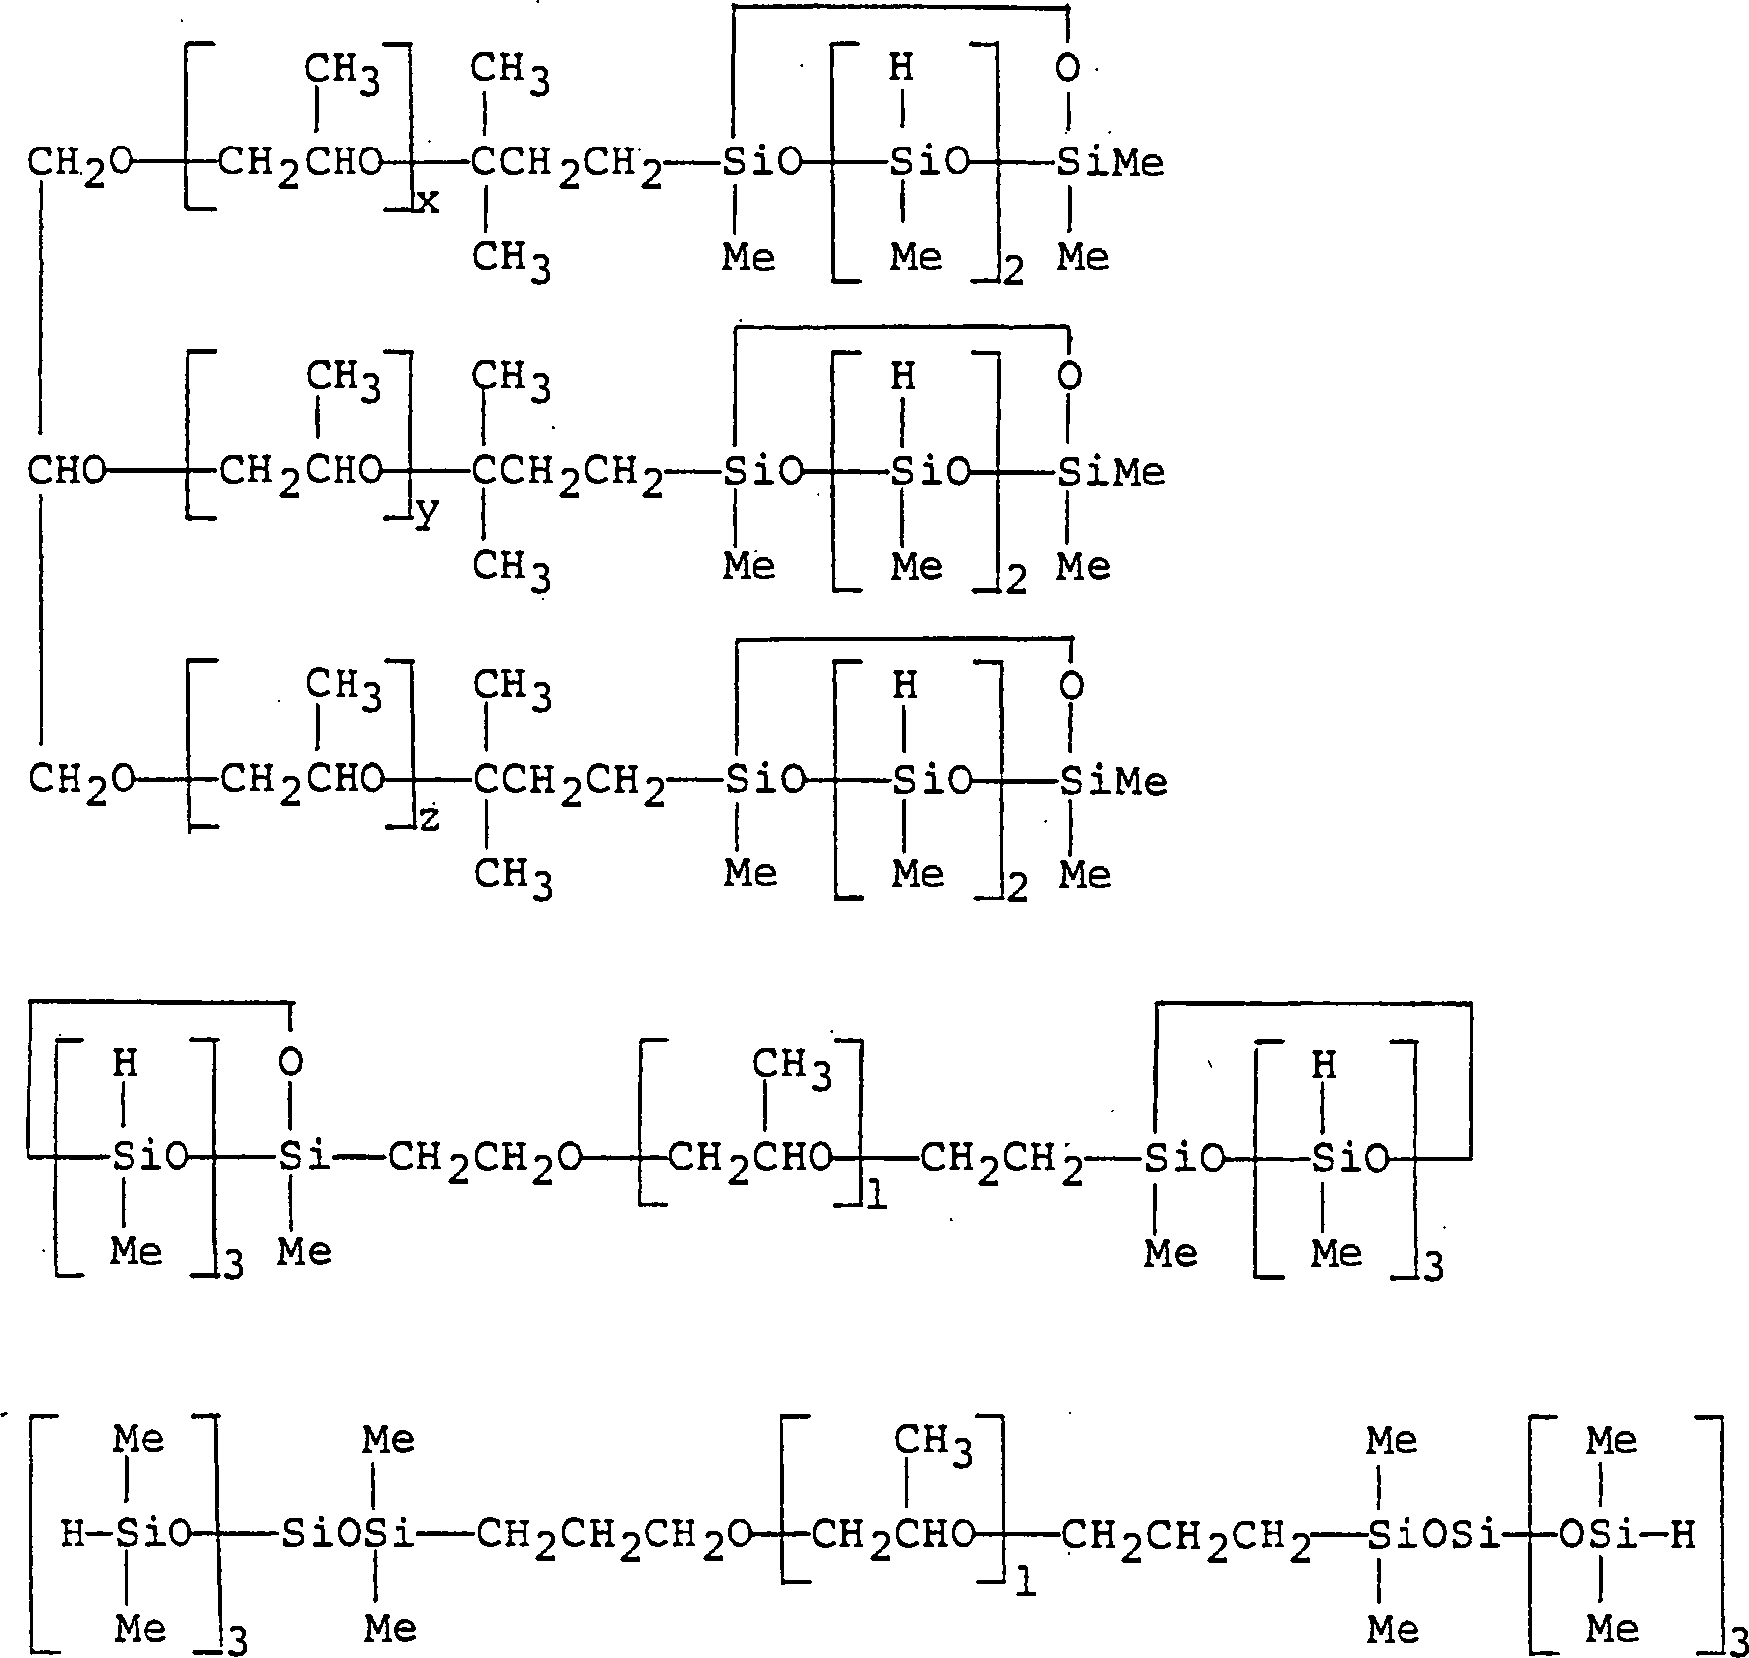 Figure DE000019719438C5_0015